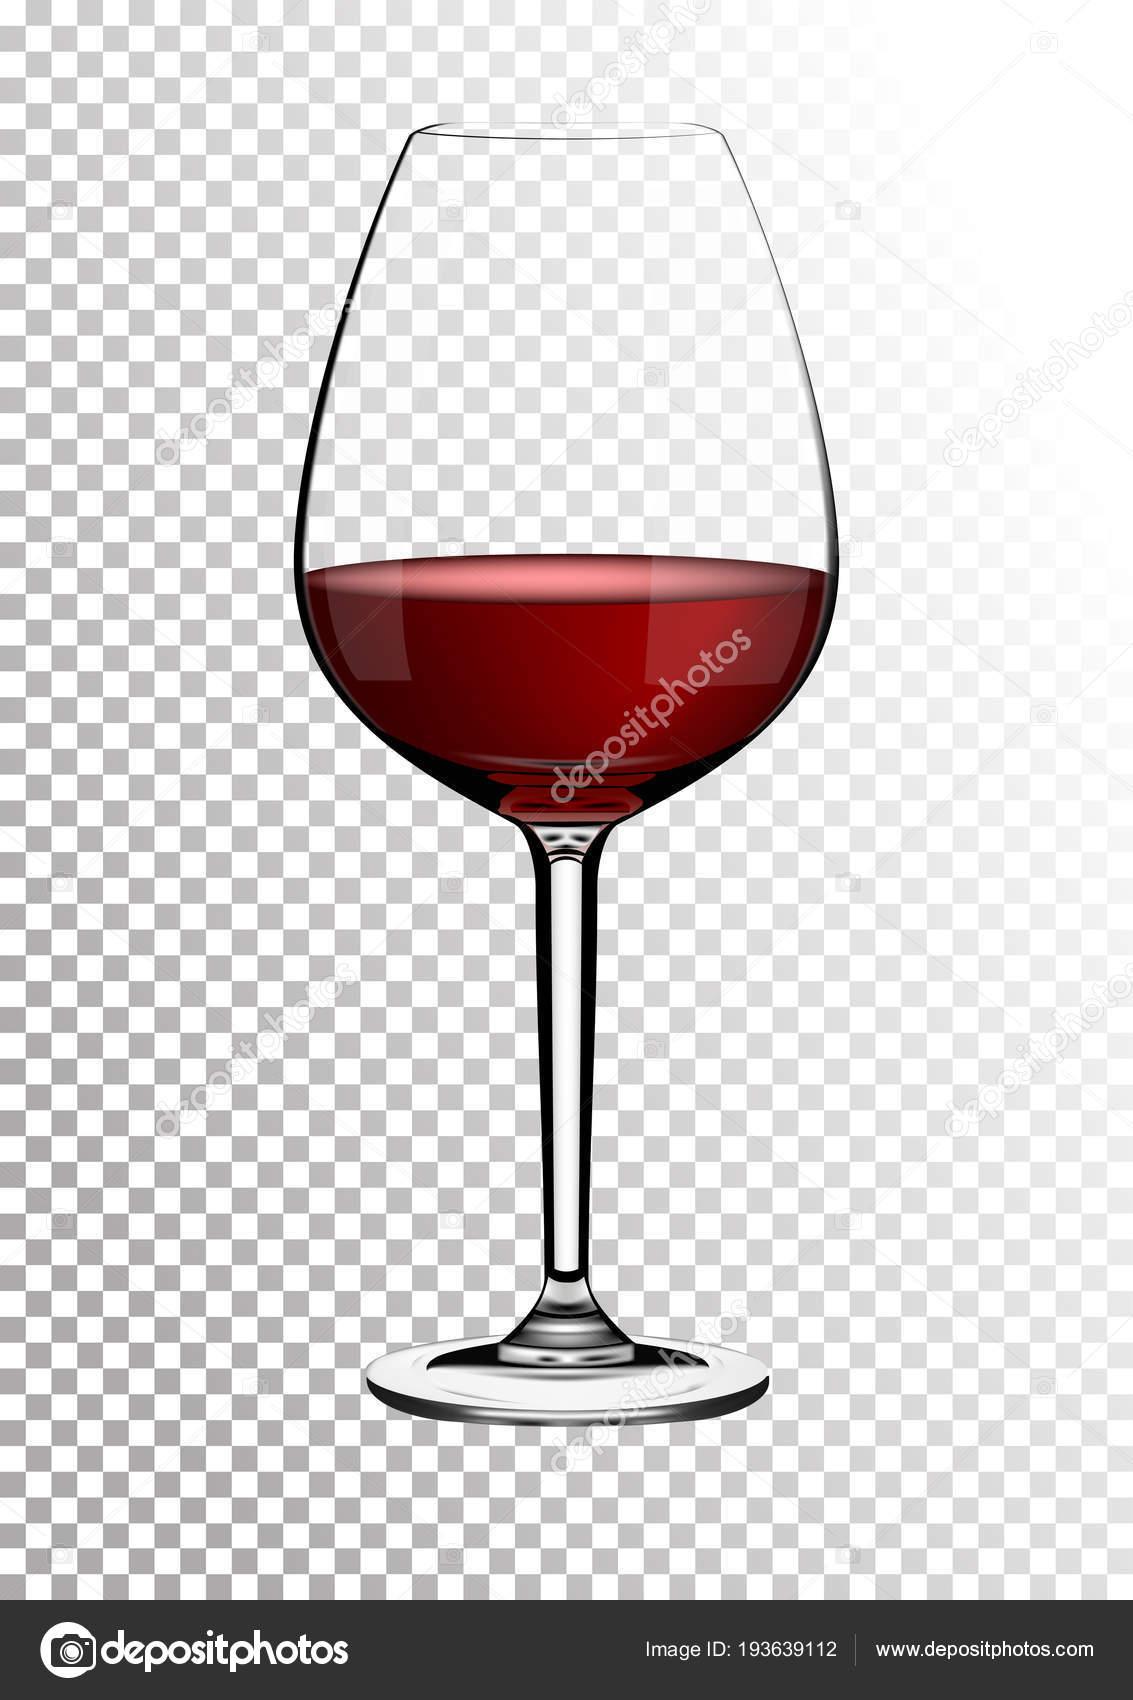 c949ae274 Átlátható, reális vektor borospohár teljes piros bor gazdag sötét ...